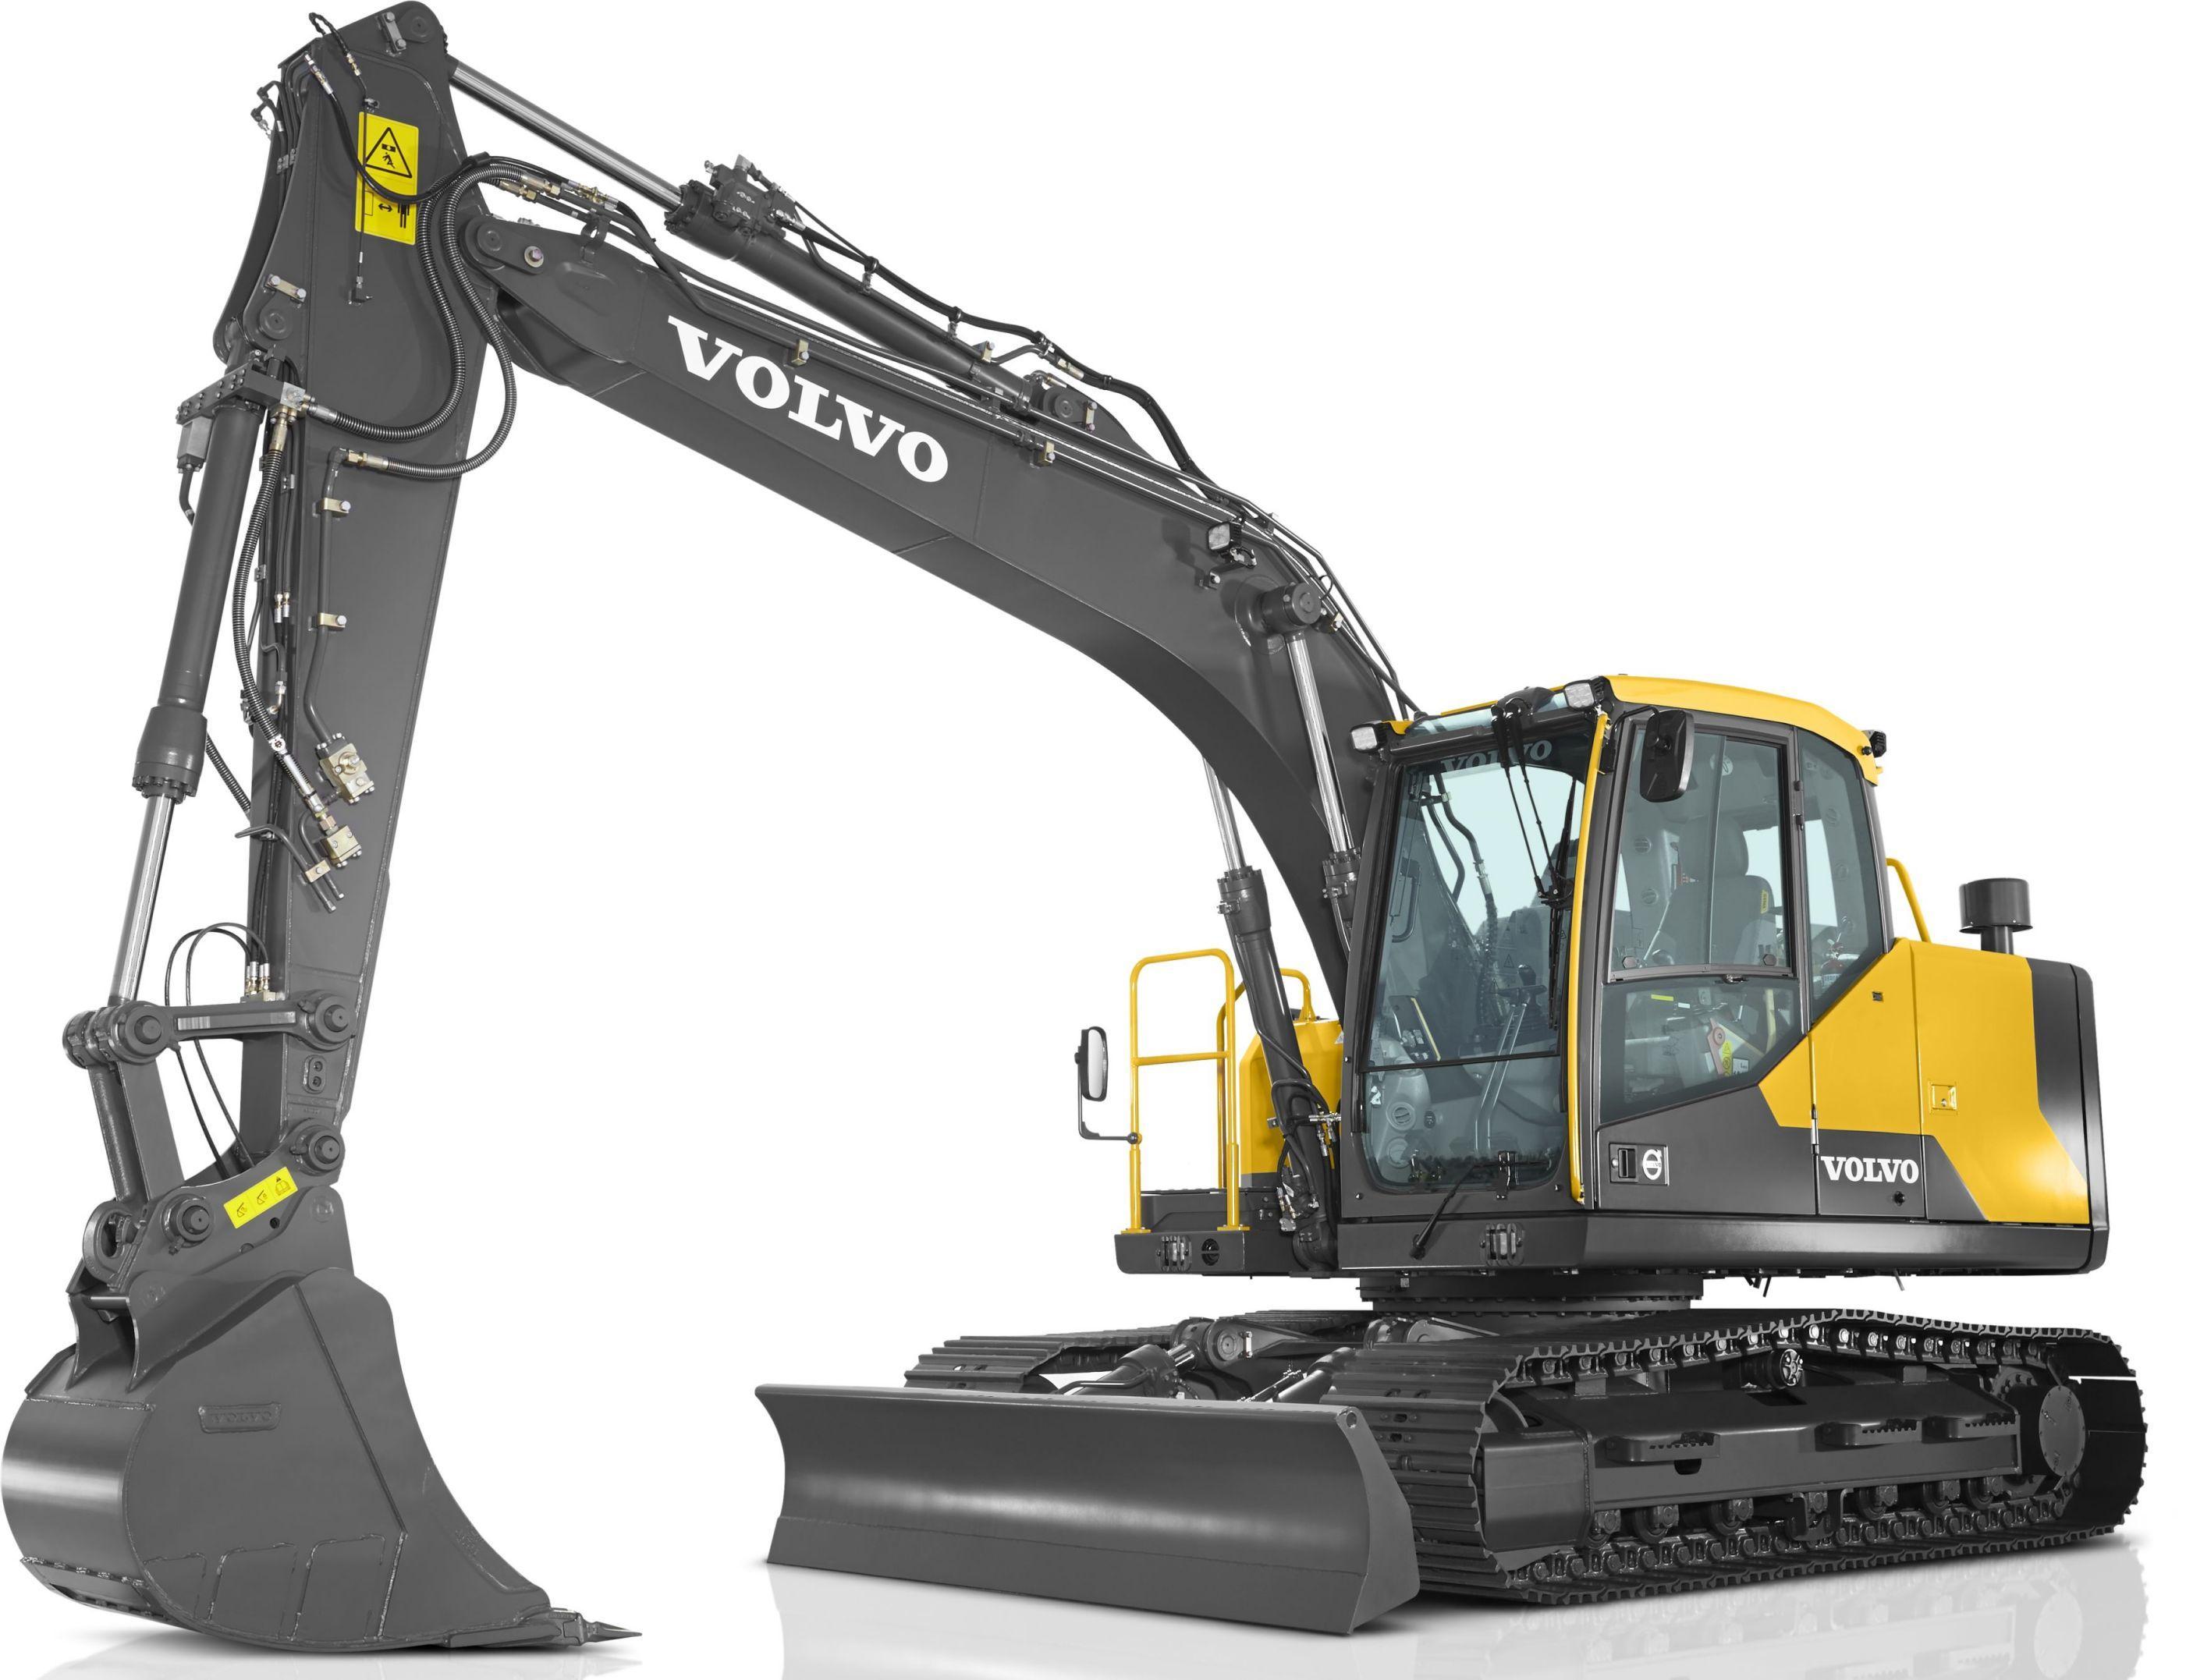 Volvo EC140 LC, EC140 LCM, EC140B LC, EC140B LCM, EC140C L, EC140C LM,  EC140D L, EC140D LM, EC140E L, EC140E LM Excavators Service Repair Manual |  A++ Repair Manual StoreA++ Repair Manual Store